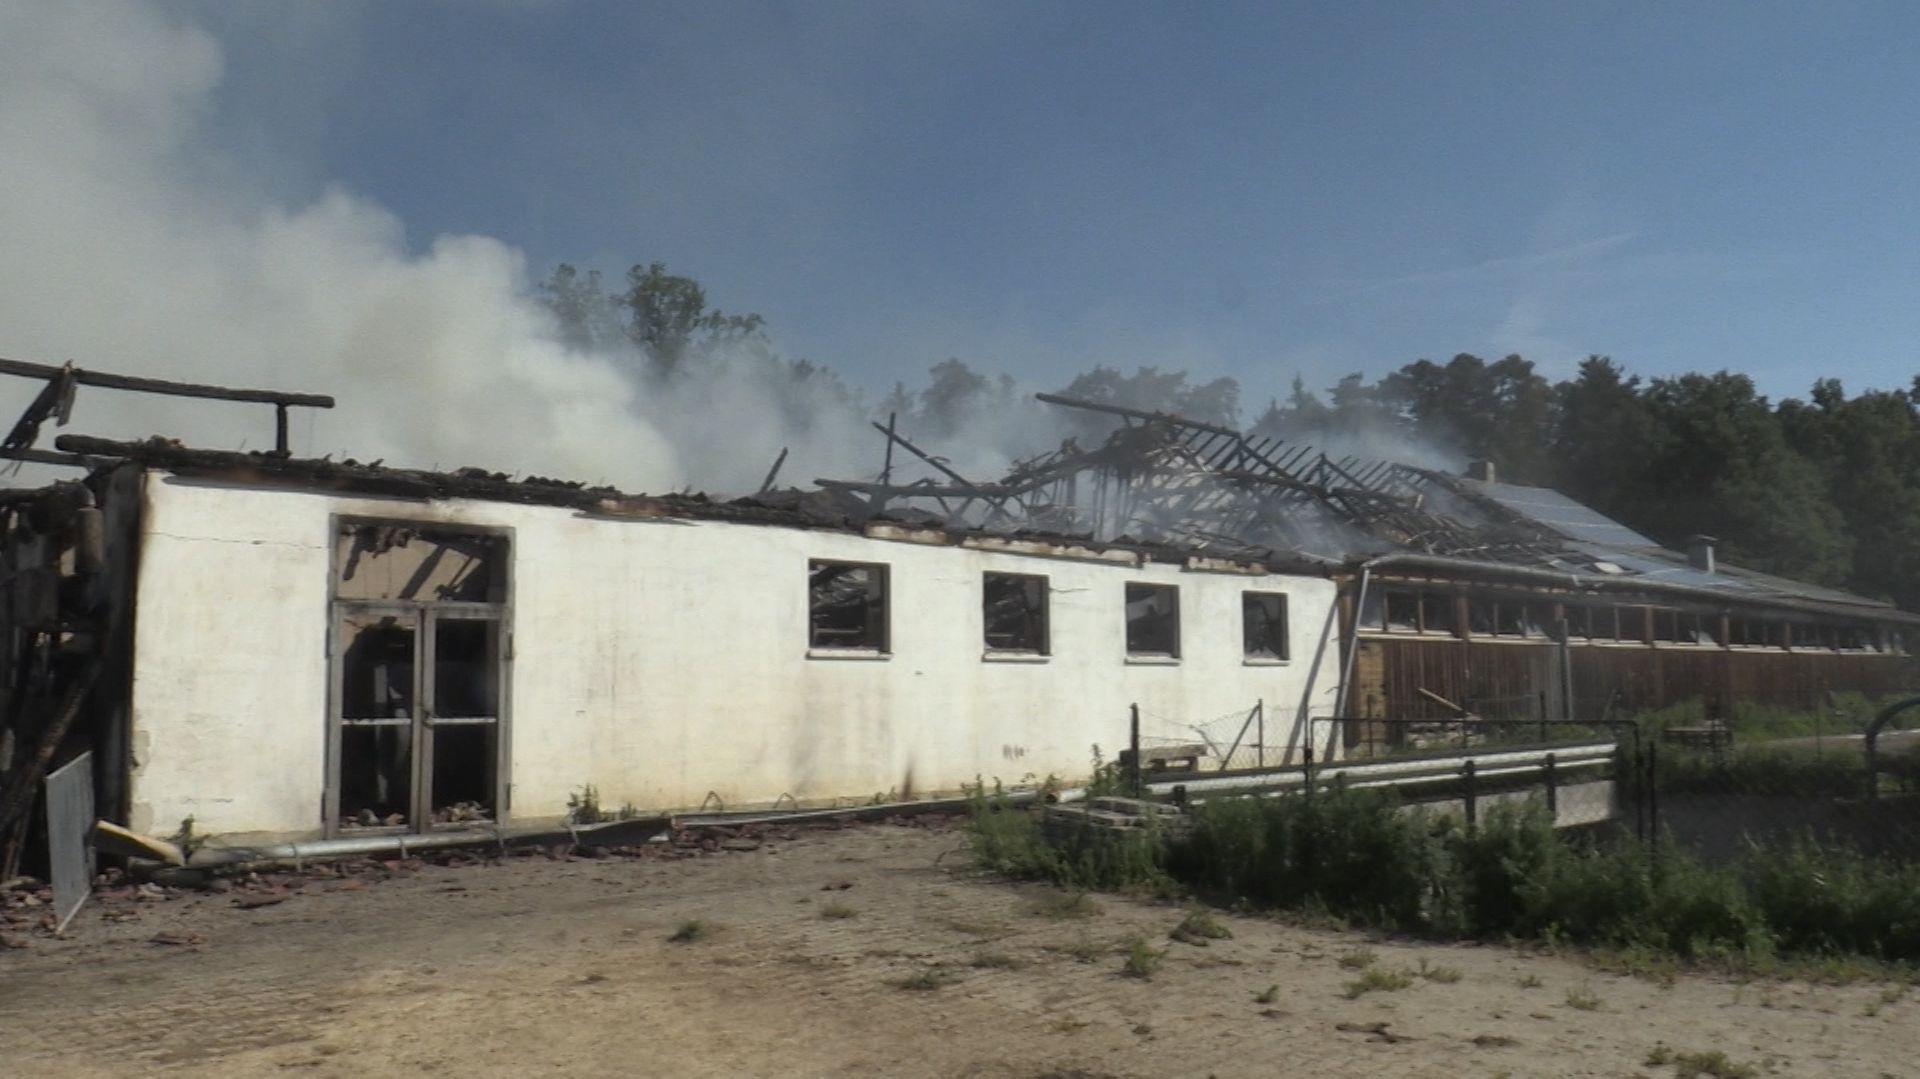 Zerstörtes landwirtschaftliches Gebäude nach Großbrand